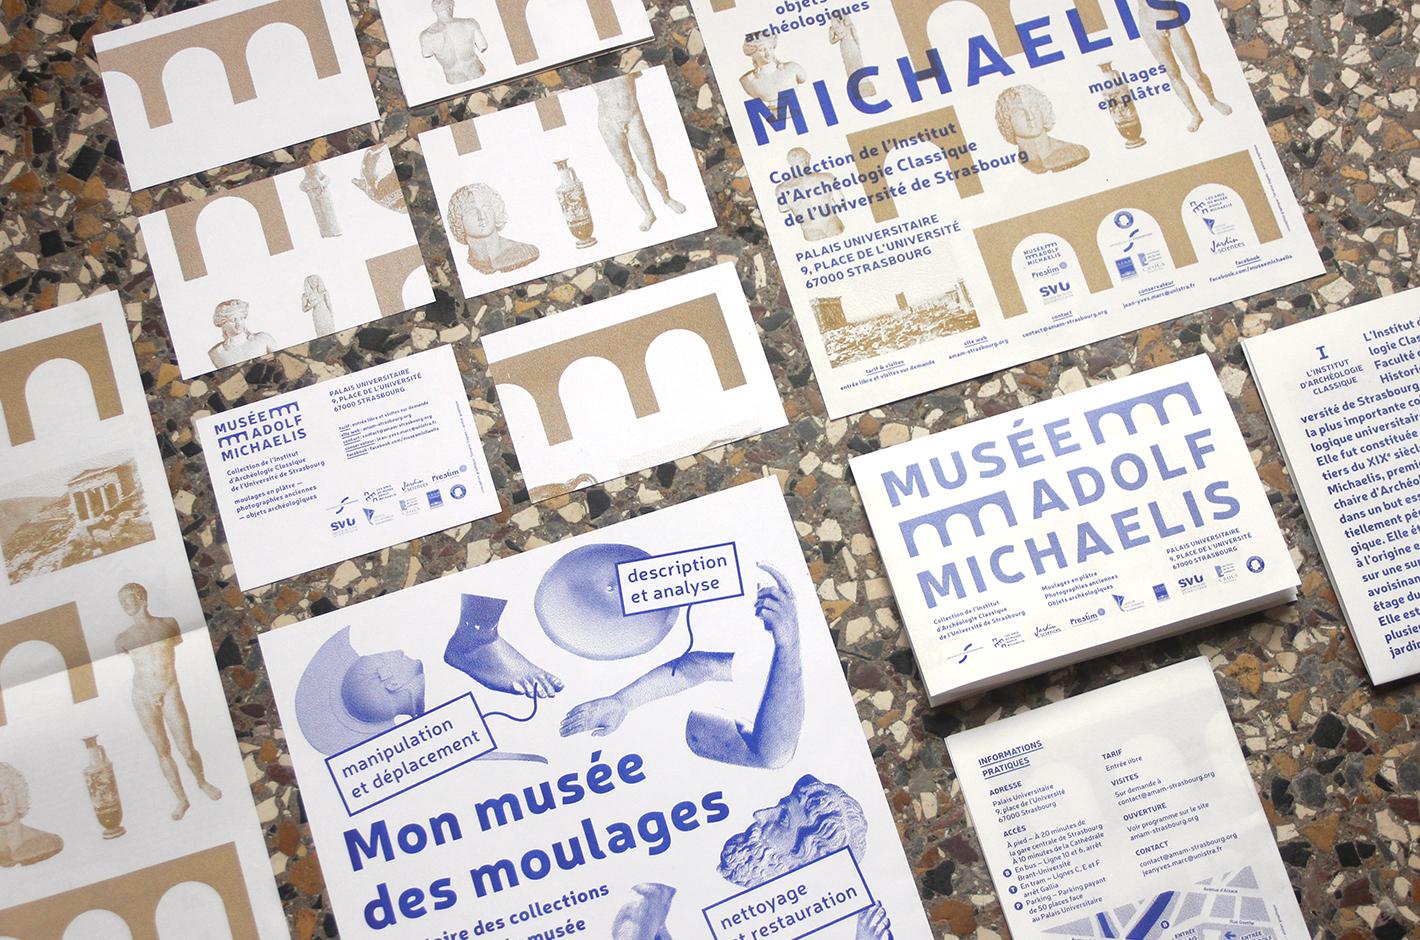 Musée Adolf Michaelis — identité visuelle